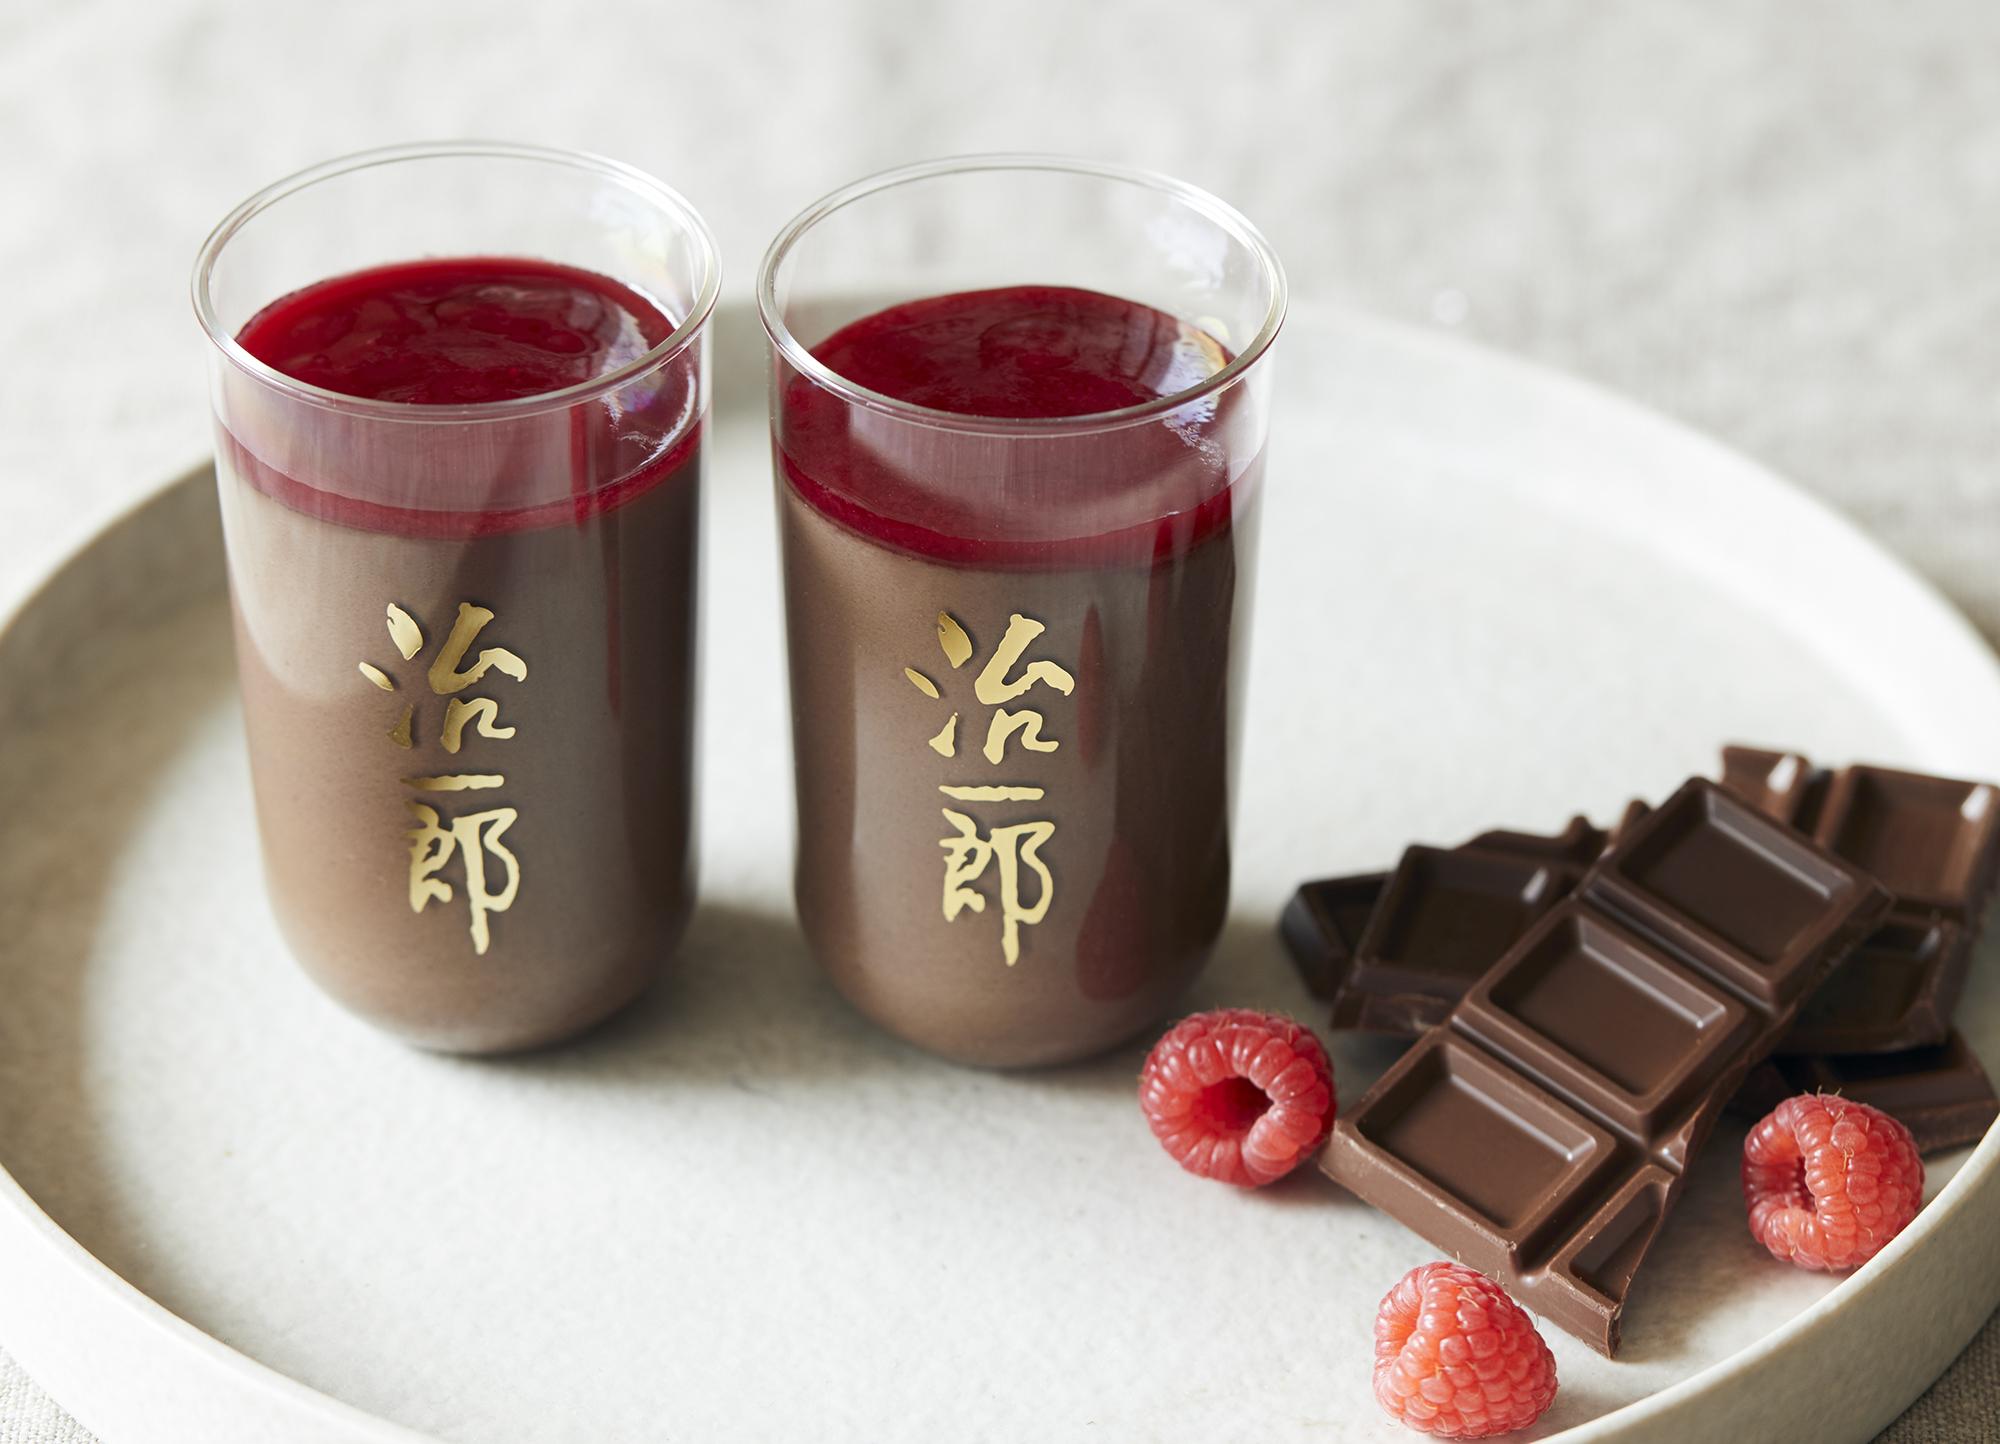 季節限定「チョコレートプリン」販売のお知らせ